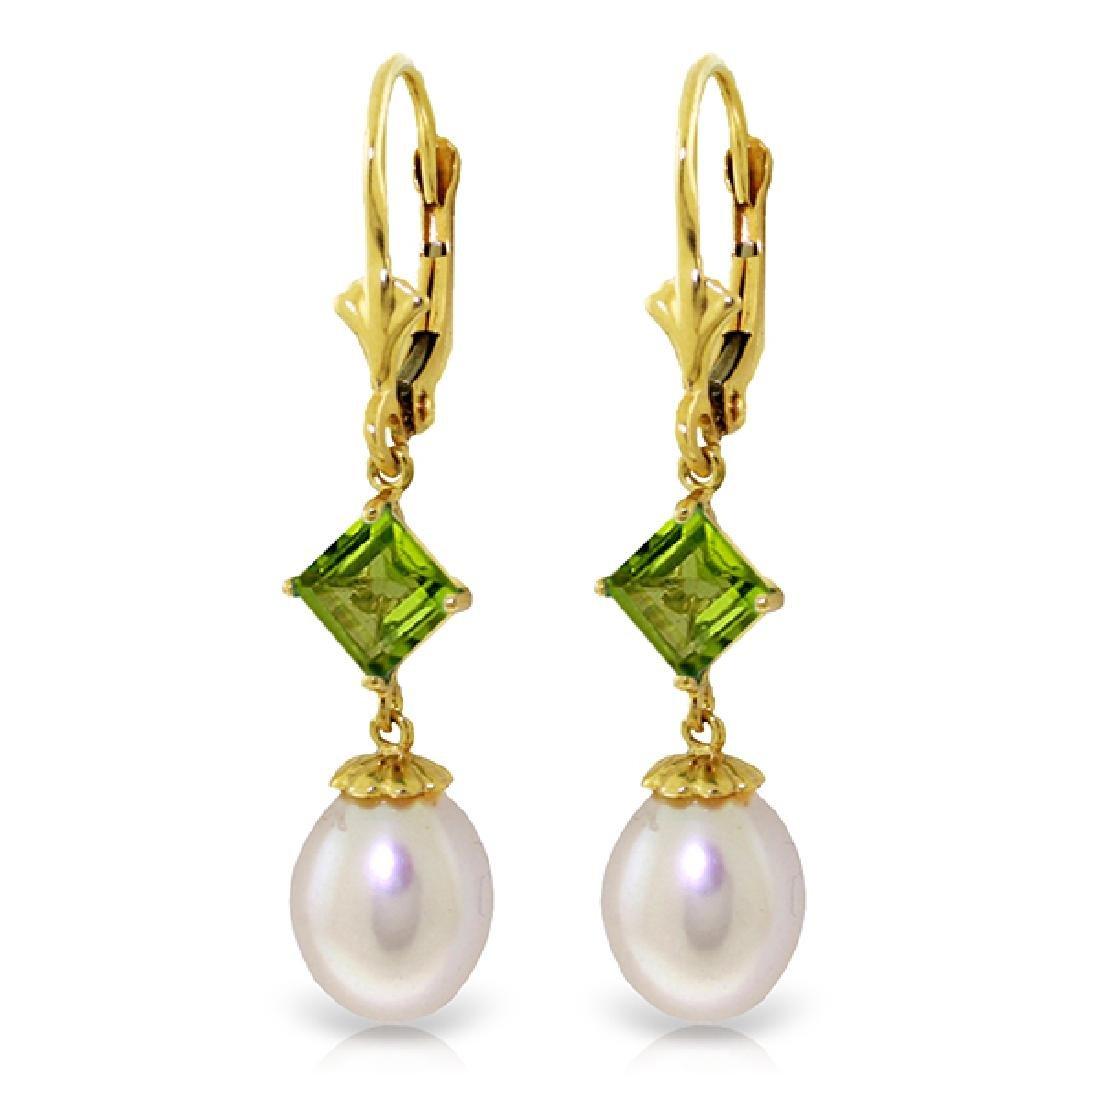 Genuine 9.5 ctw Pearl & Peridot Earrings Jewelry 14KT